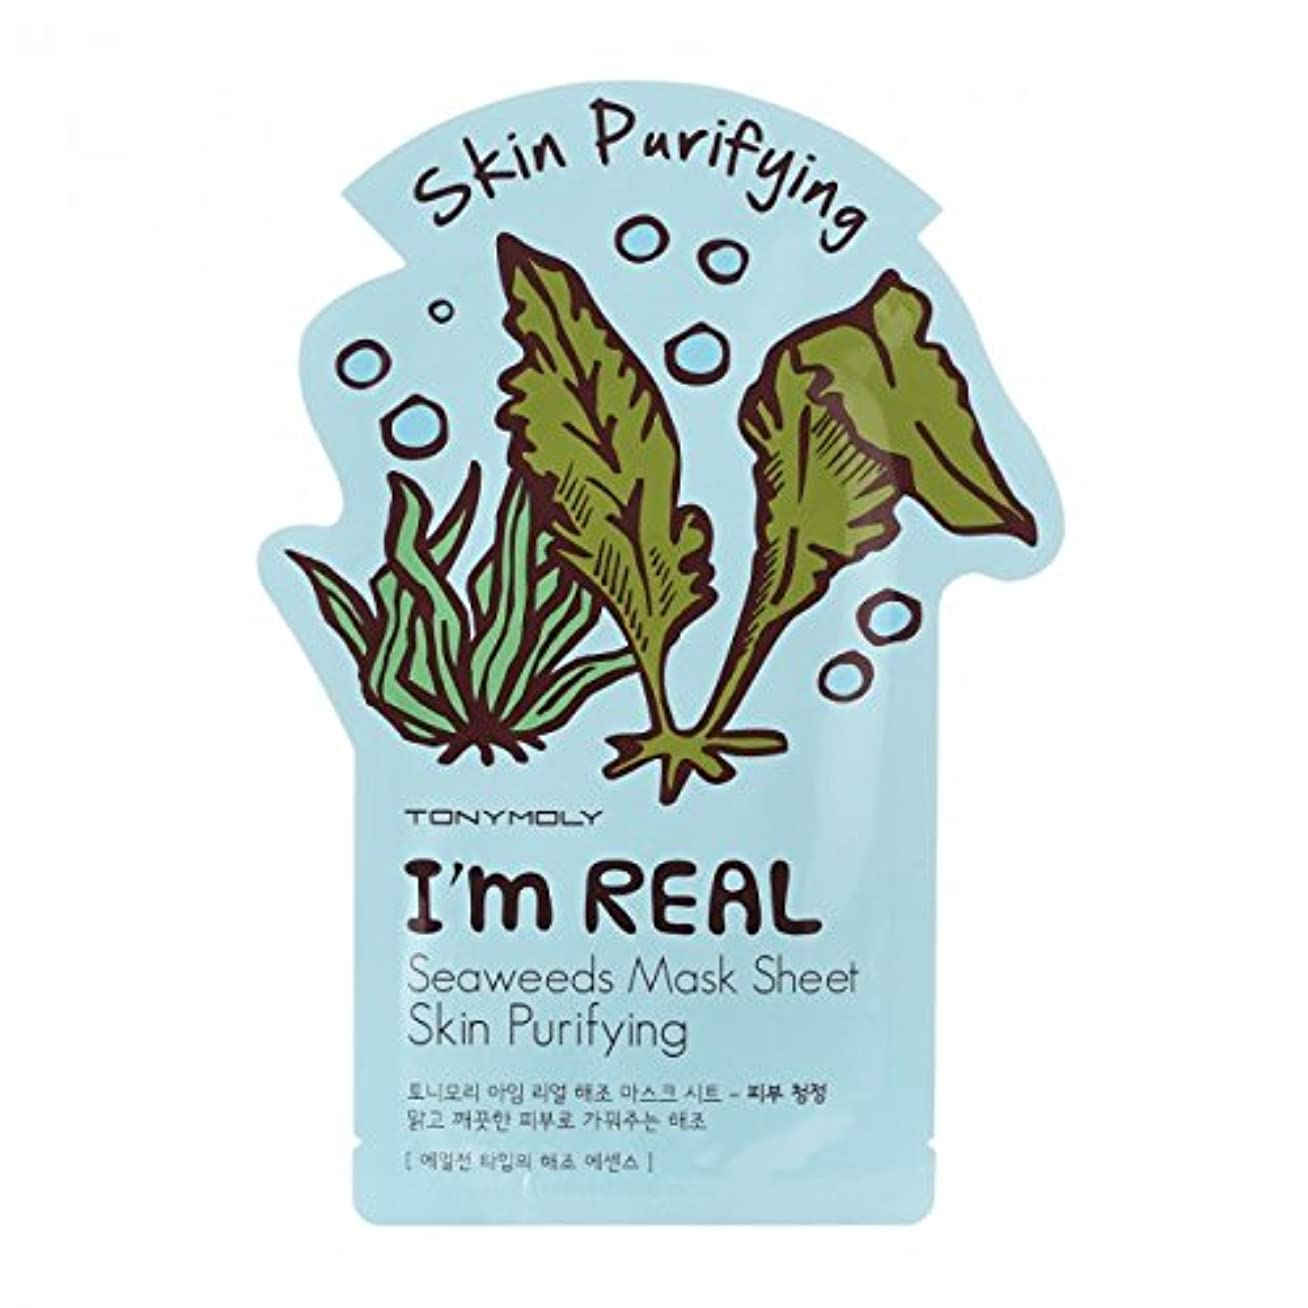 のり老朽化した深遠TONYMOLY I'm Real Seaweeds Mask Sheet Skin Purifying (並行輸入品)